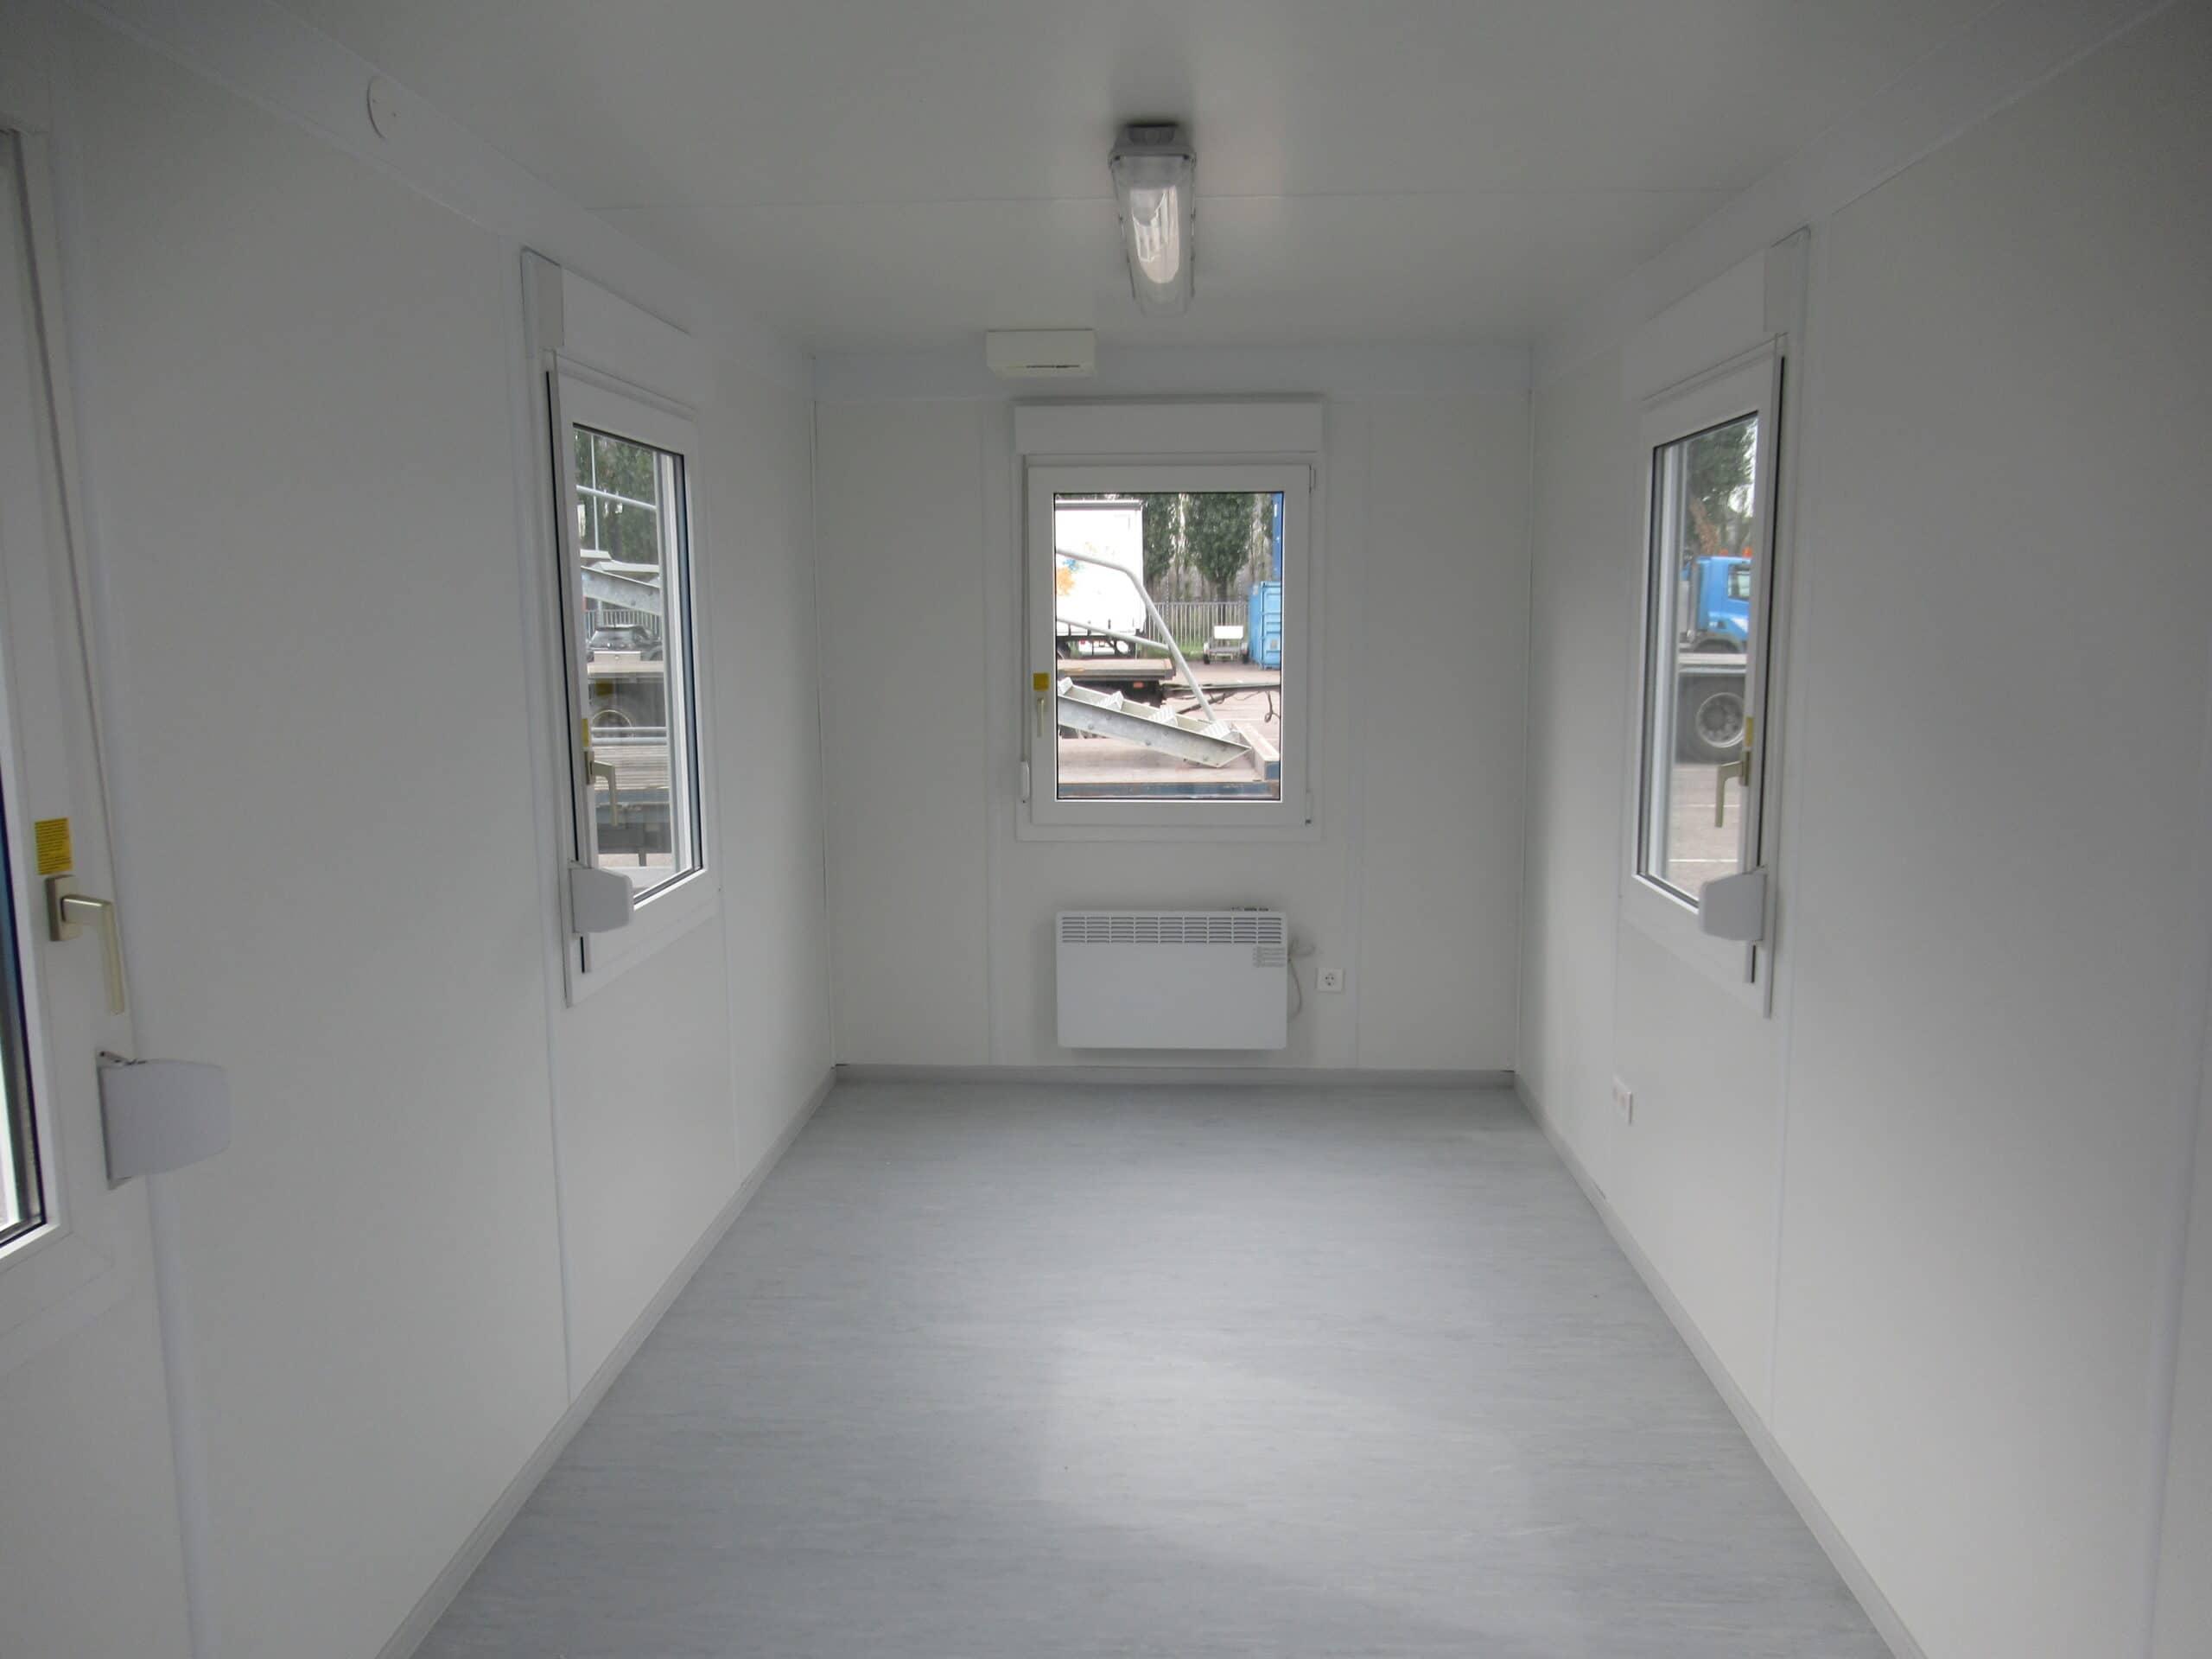 20ft accommodatie container met ramen